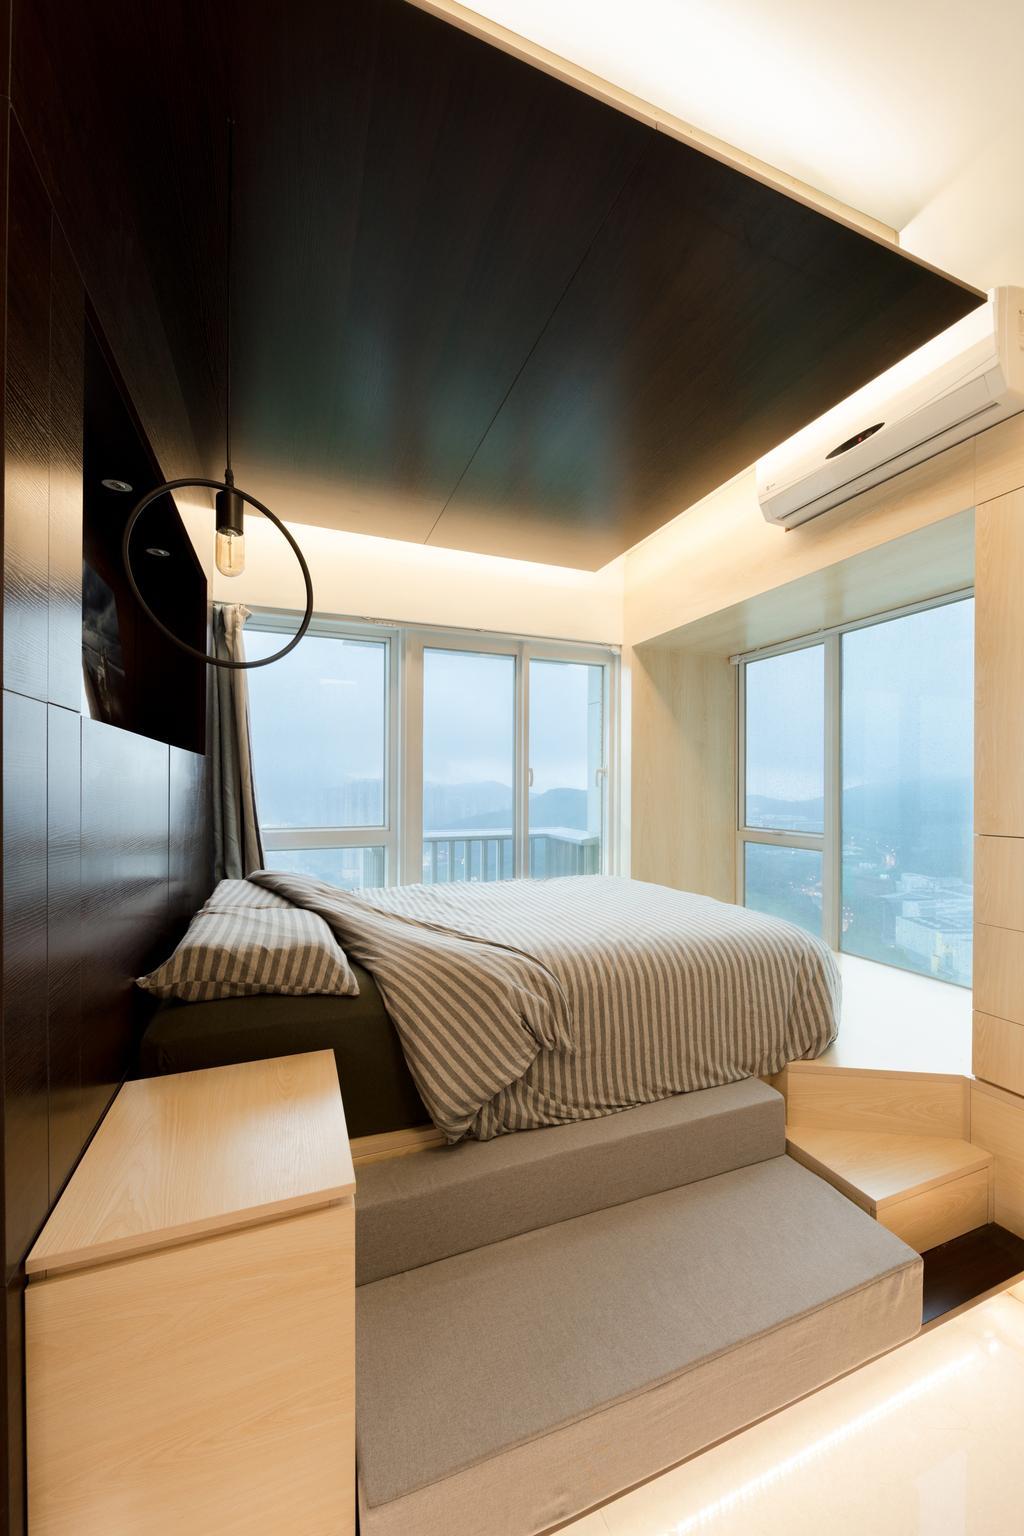 摩登, 私家樓, 睡房, 緻藍天, 室內設計師, MNOP Design, 當代